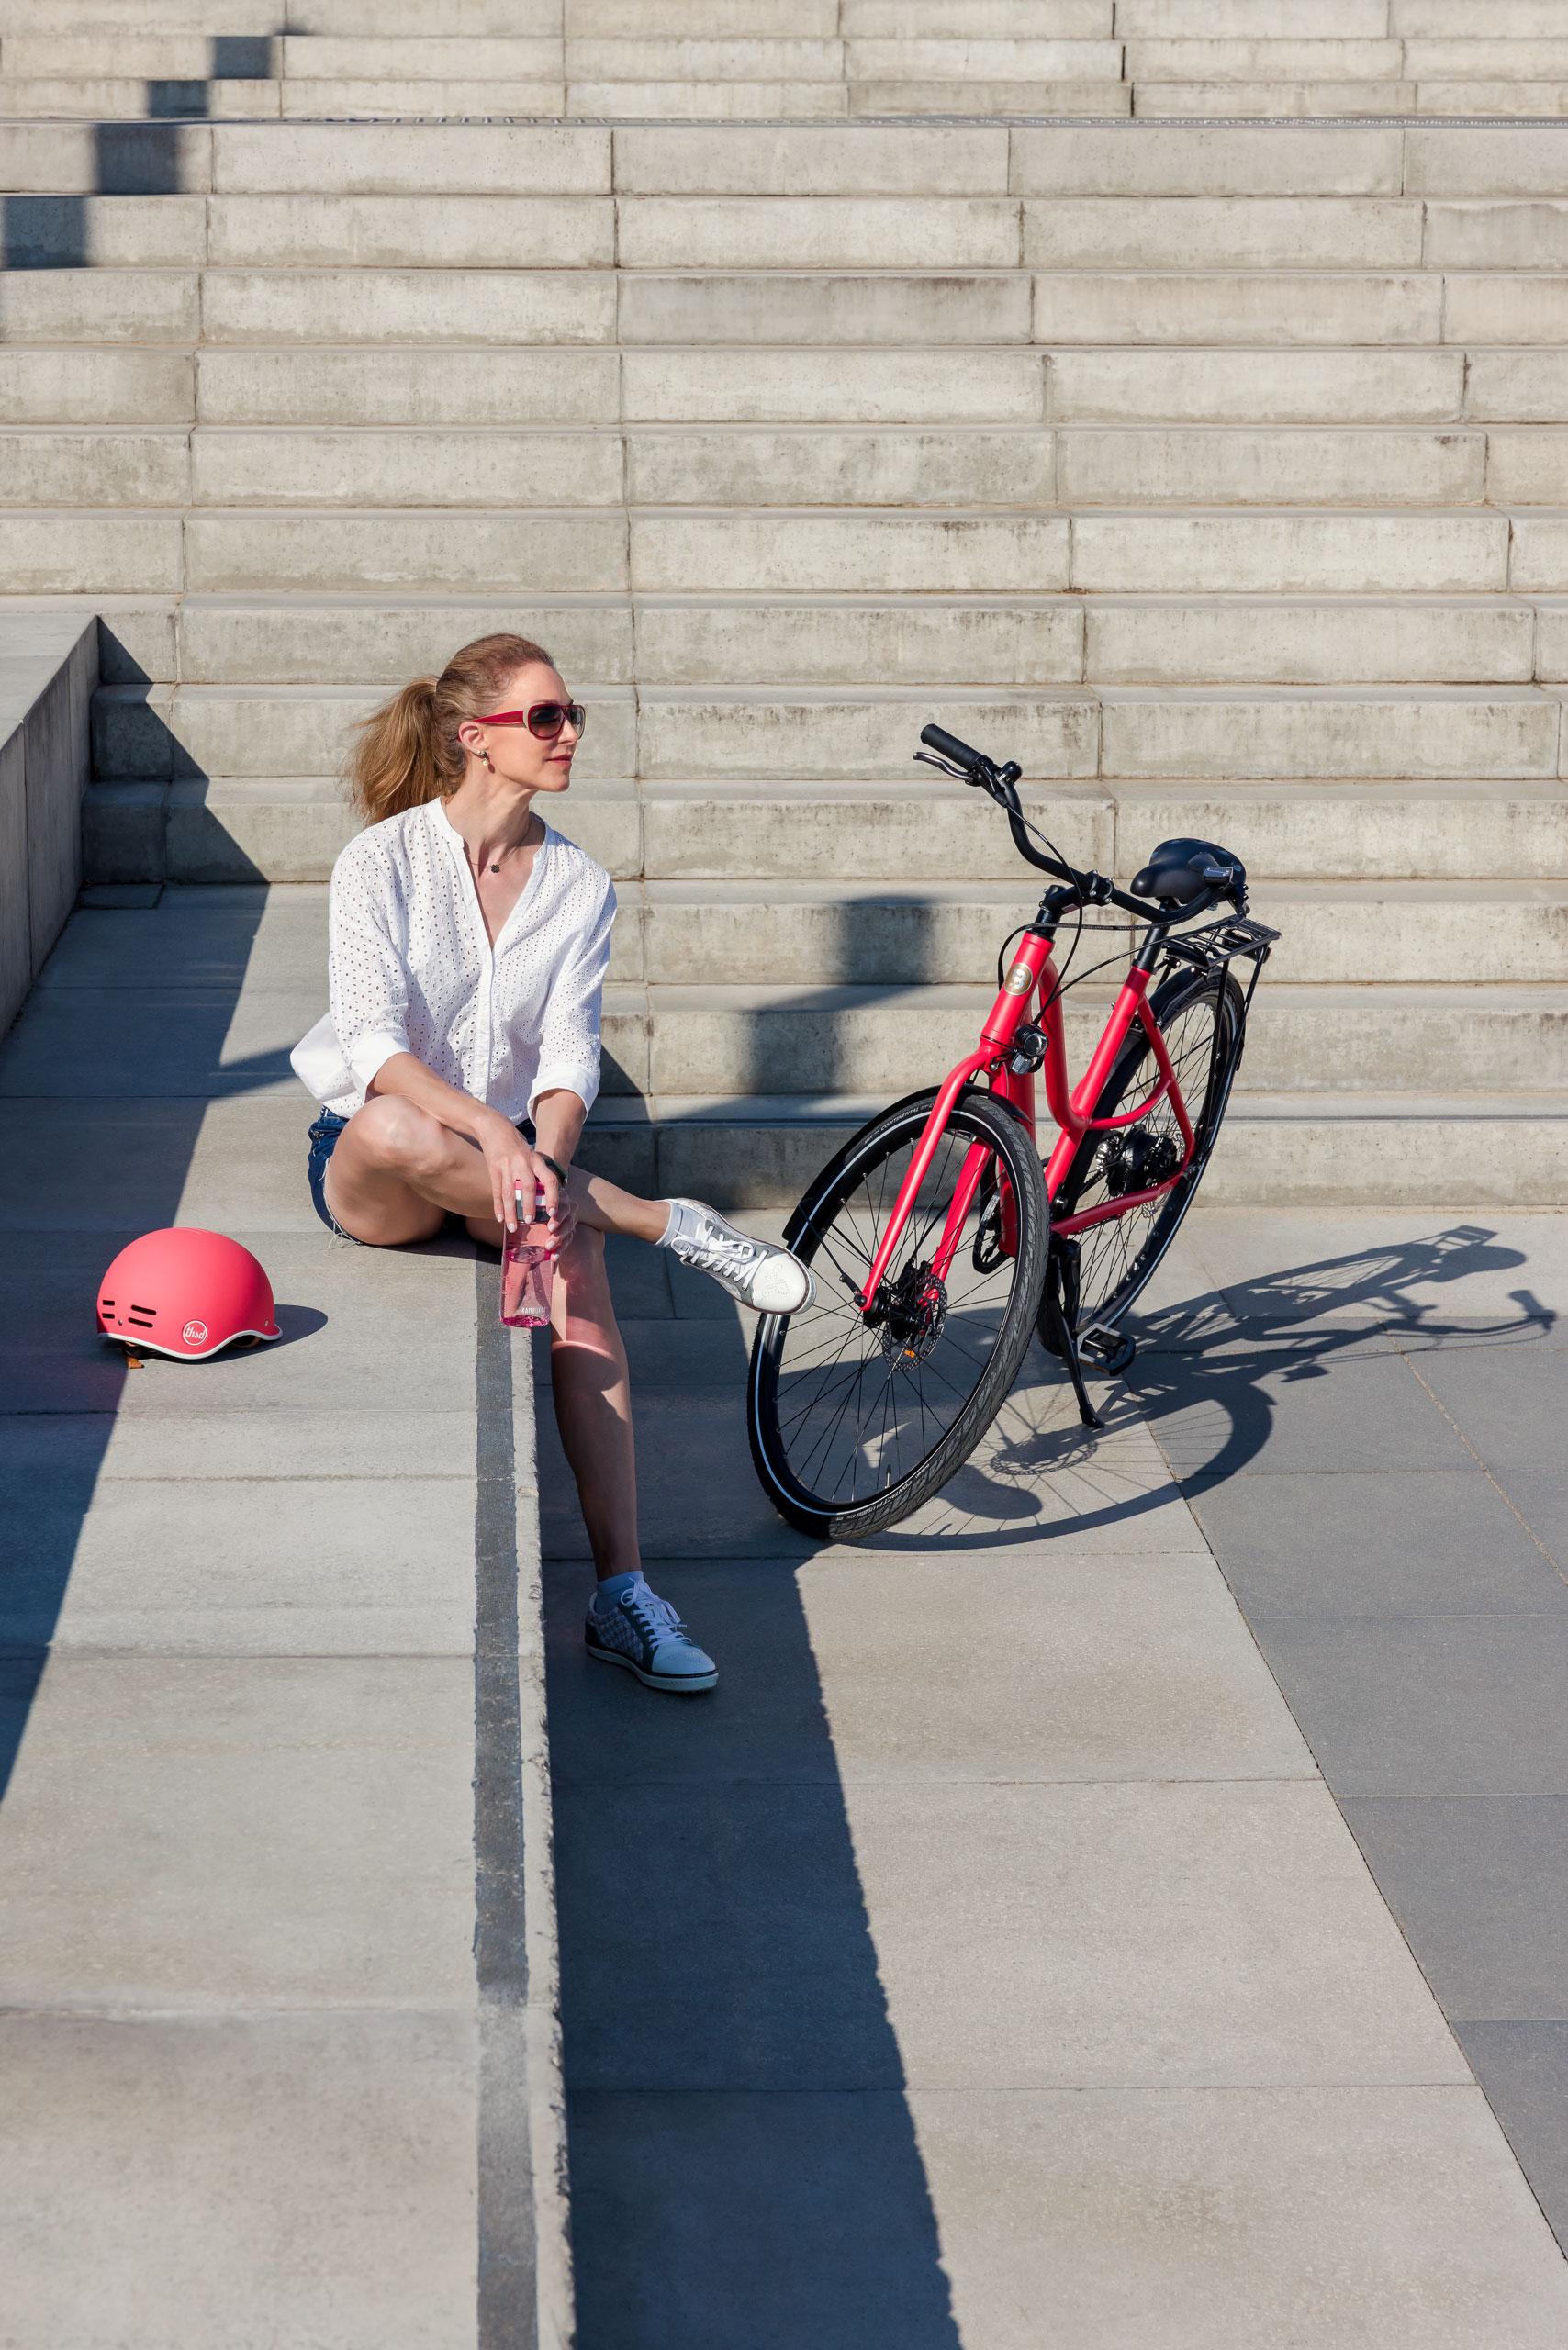 rower, rower elektryczny, e-bike, fotografia reklamowa, zdjęcia reklamowe, fotografia produktowa, zdjęcia produktowe, packshot, packshoty, zdjęcia biżuterii, zdjęcia zegarków, zdjęcia typu duch, fotografia typu duch, zdjęcia aut, fotografia aut, zdjęcia aranżowane, zdjęcia motocykli, fotografia motocykli, zdjęcia lotnicze, zdjęcia do prasy, fotografia prasowa, zdjęcia na okładkę, zdjęcia urządzeń, fotografia urządzeń, zdjęcia szkła, fotografia szkła, trudne zdjęcia, kinografika, animacja, cinemagraphy, zdjęcia ubrań, fotografia ubrań